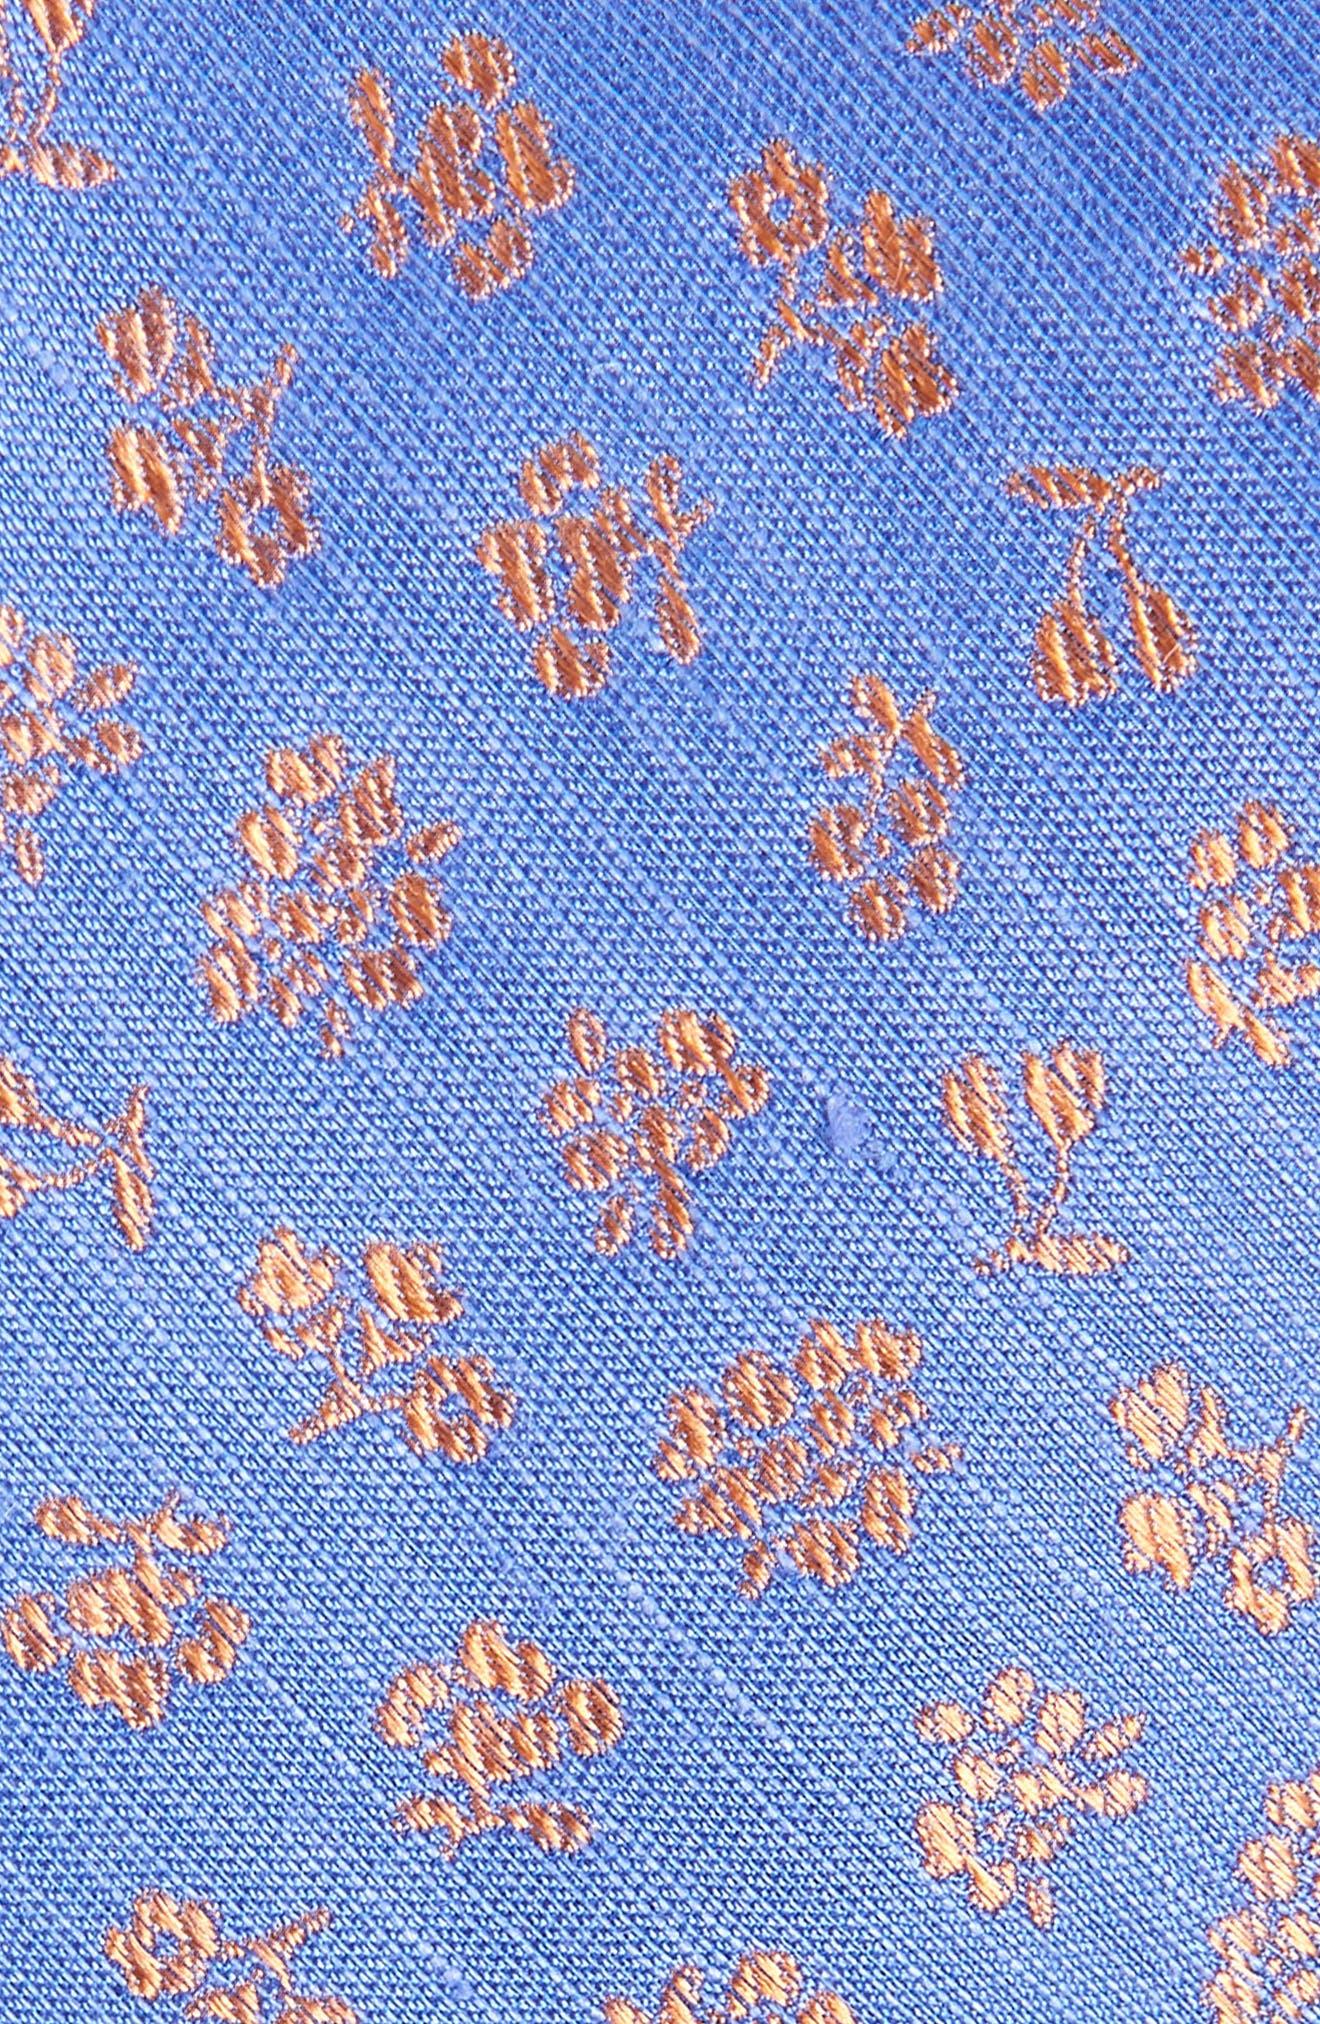 Fruta Floral Silk & Linen Tie,                             Alternate thumbnail 2, color,                             PERIWINKLE